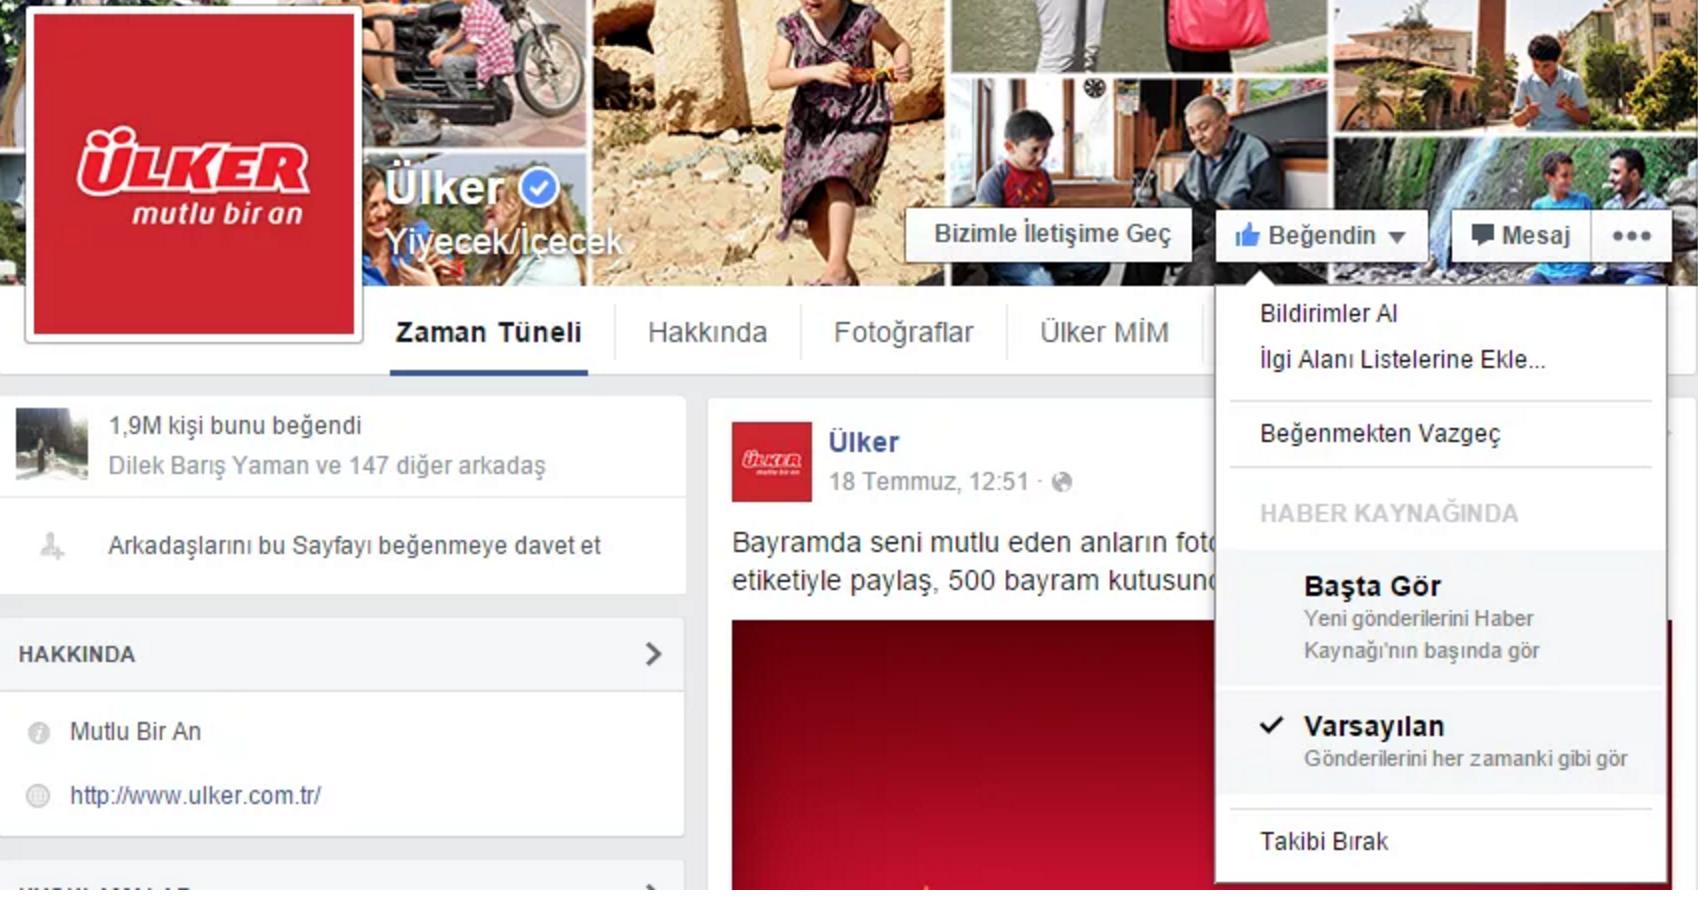 facebook bildirimleri al haber kaynağında başta gör